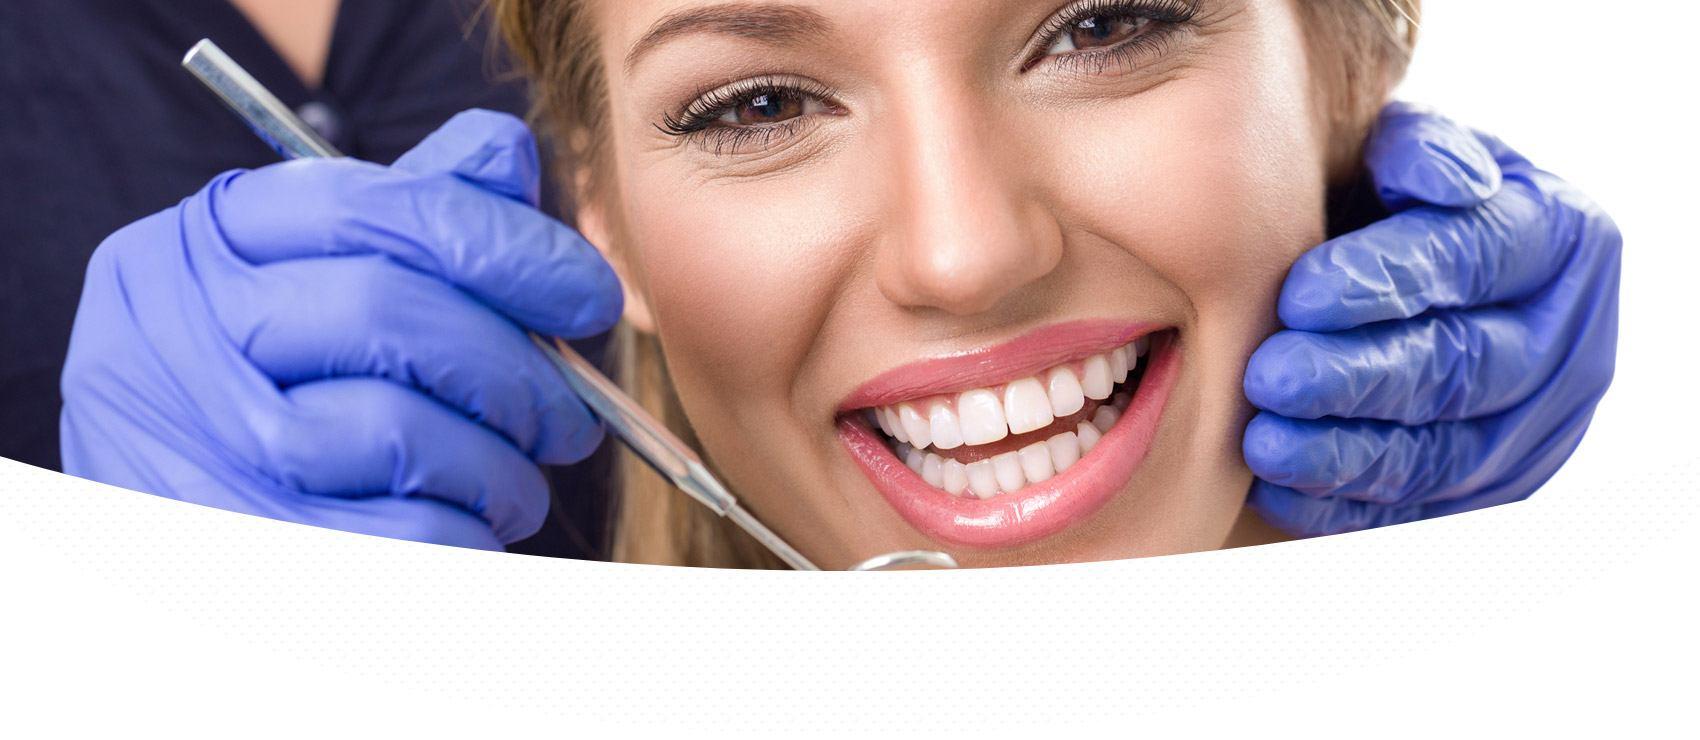 Dental Checkup at North Aurora Smiles